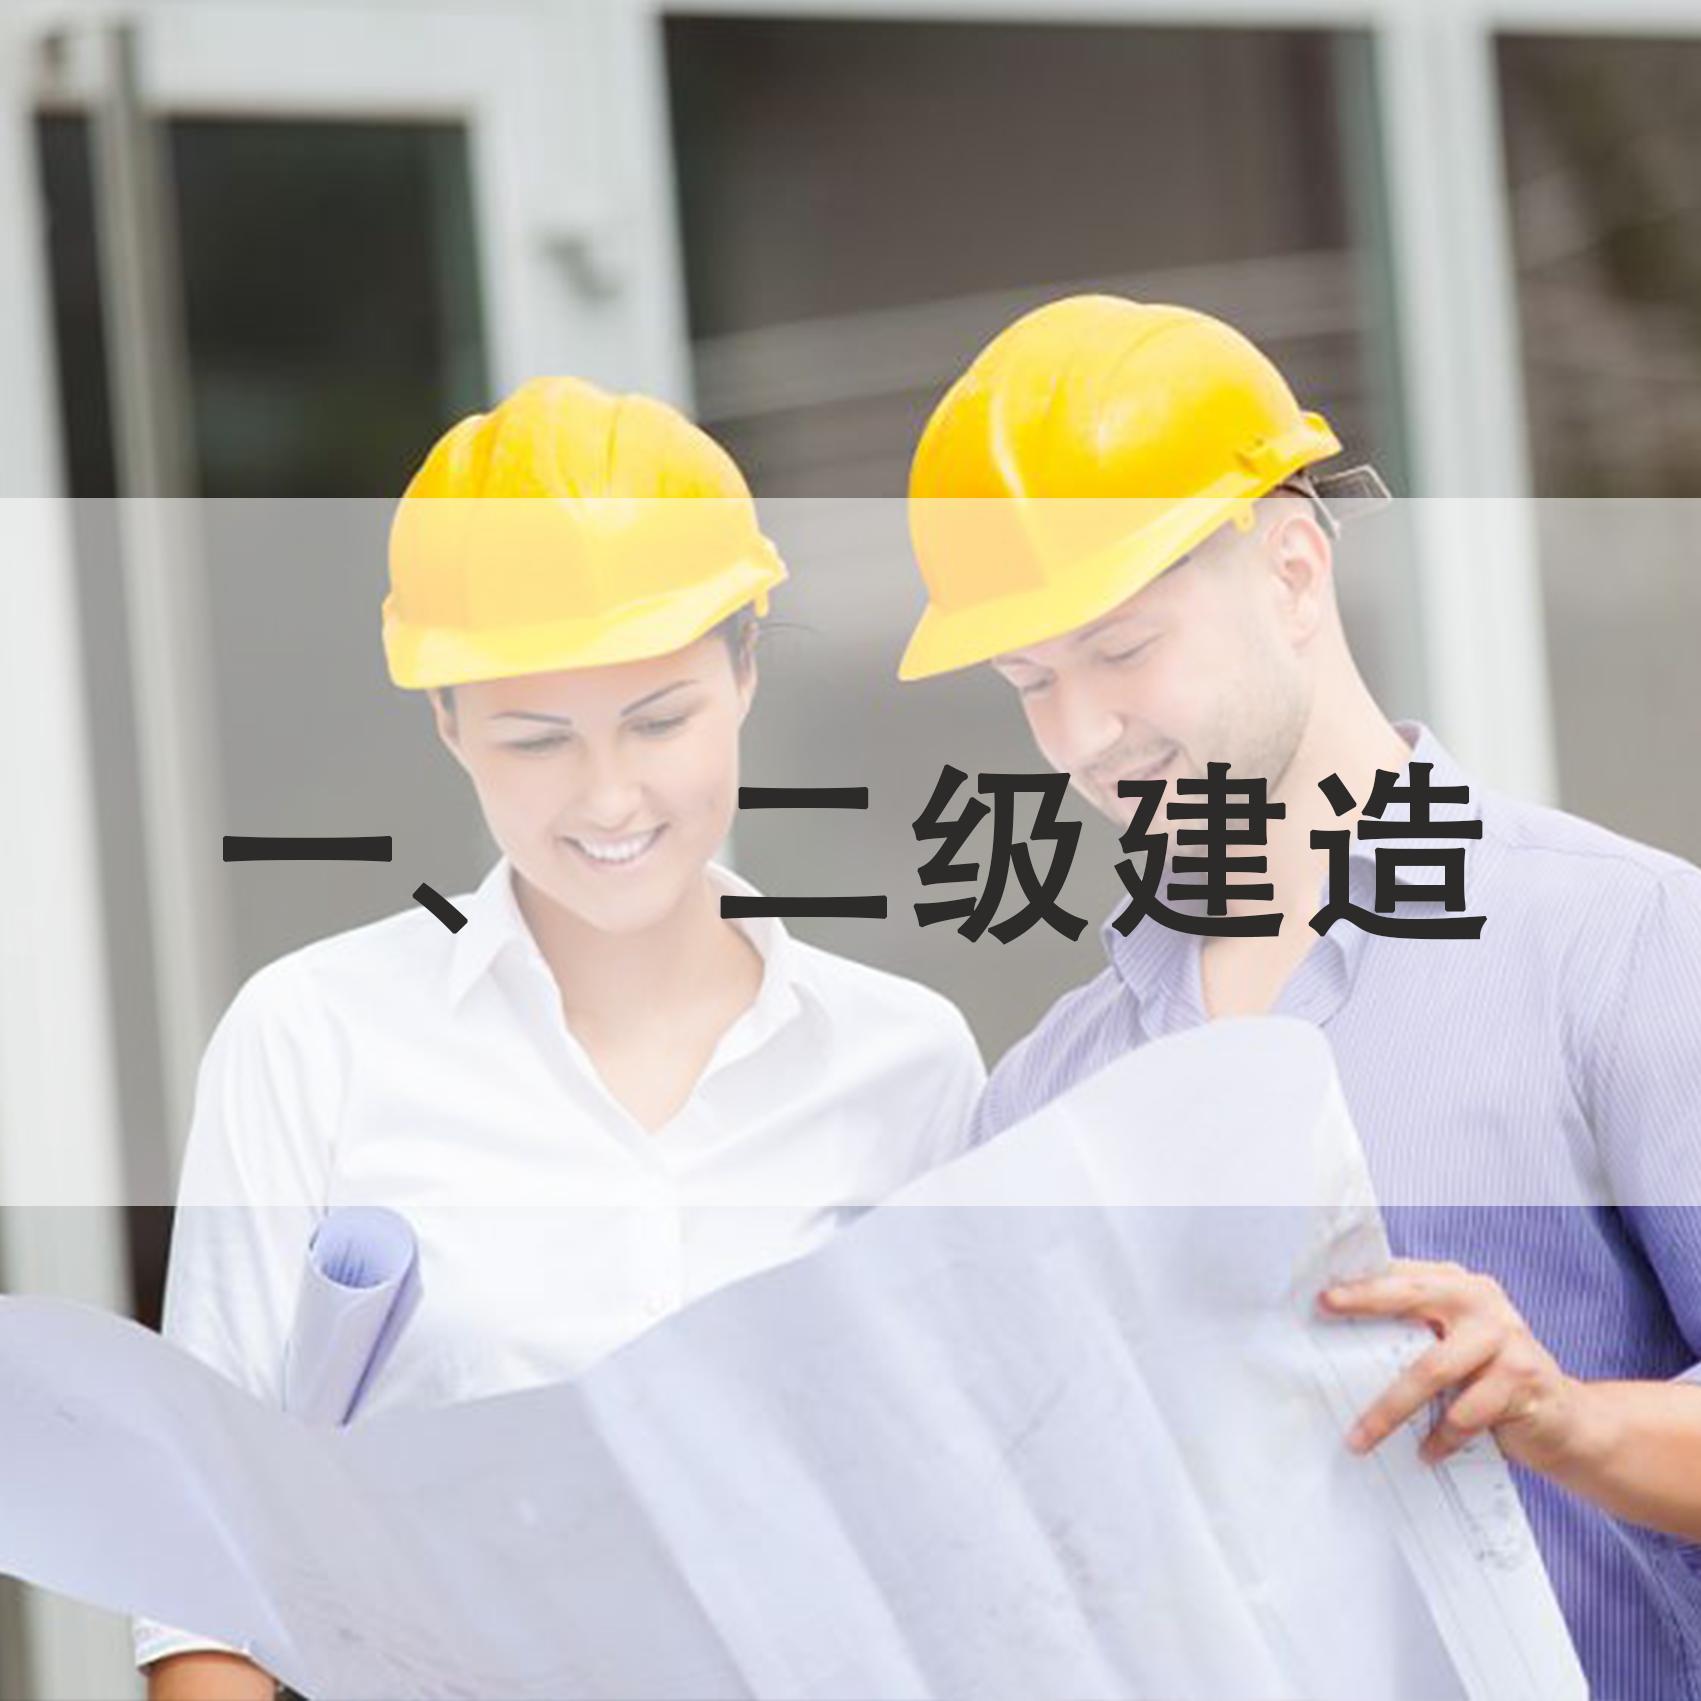 2021年一级建造师考试的五个重要时间节点